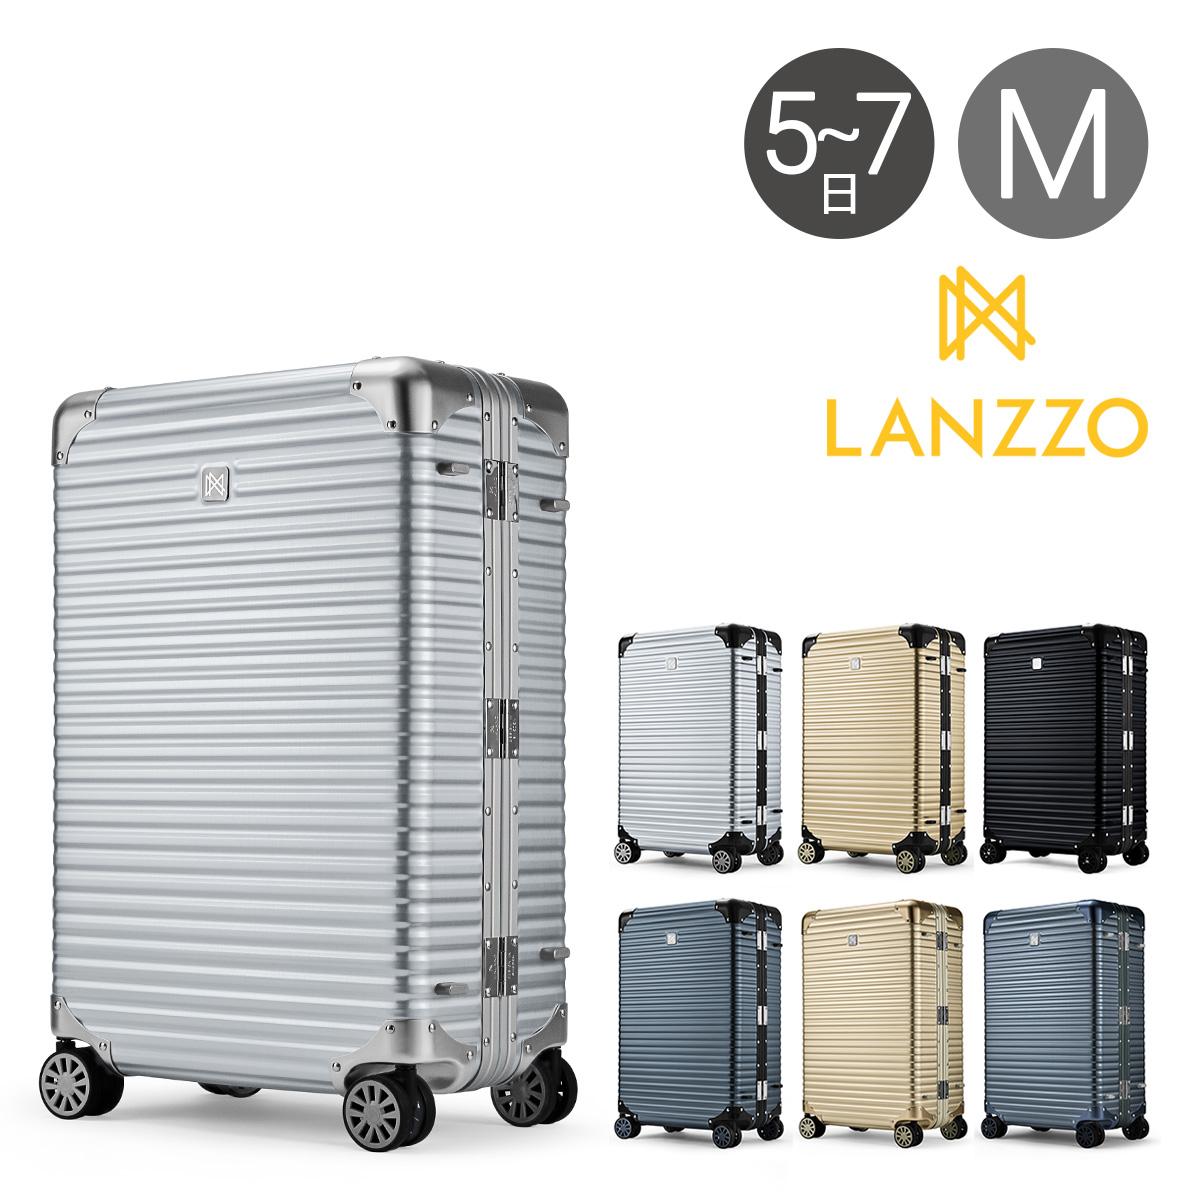 ランツォ スーツケース ノーマン 27インチ 64L 64cm 6.3kg アルミニウム合金 5年保証 アルミ ハード フレーム TSAロック搭載 キャリーケース LANZZO [bef]